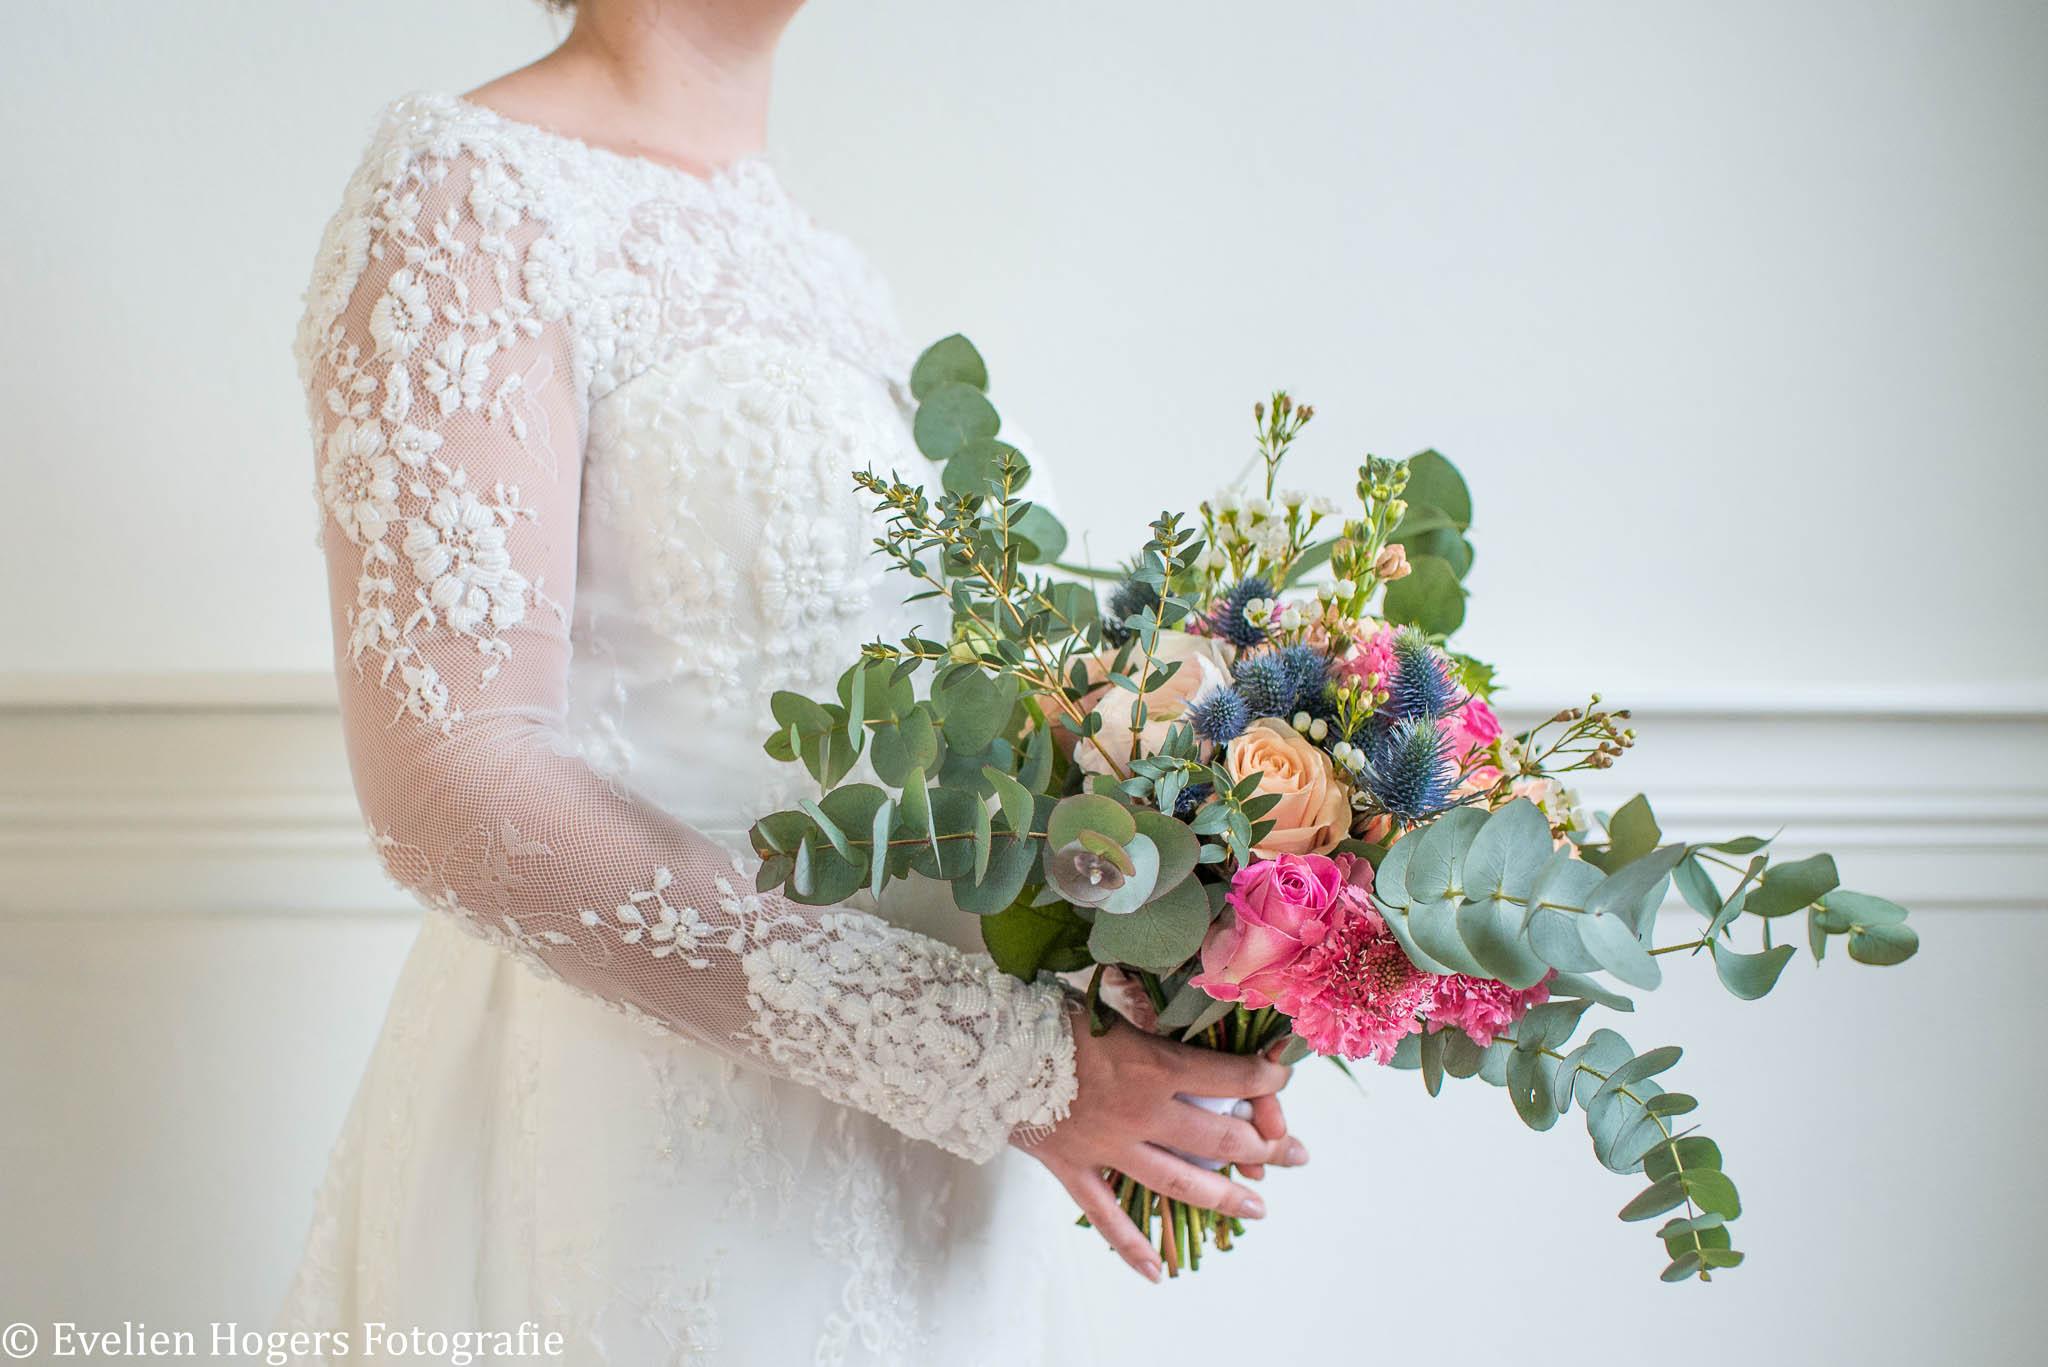 Estate_wedding_Metwatermerk-58.jpg